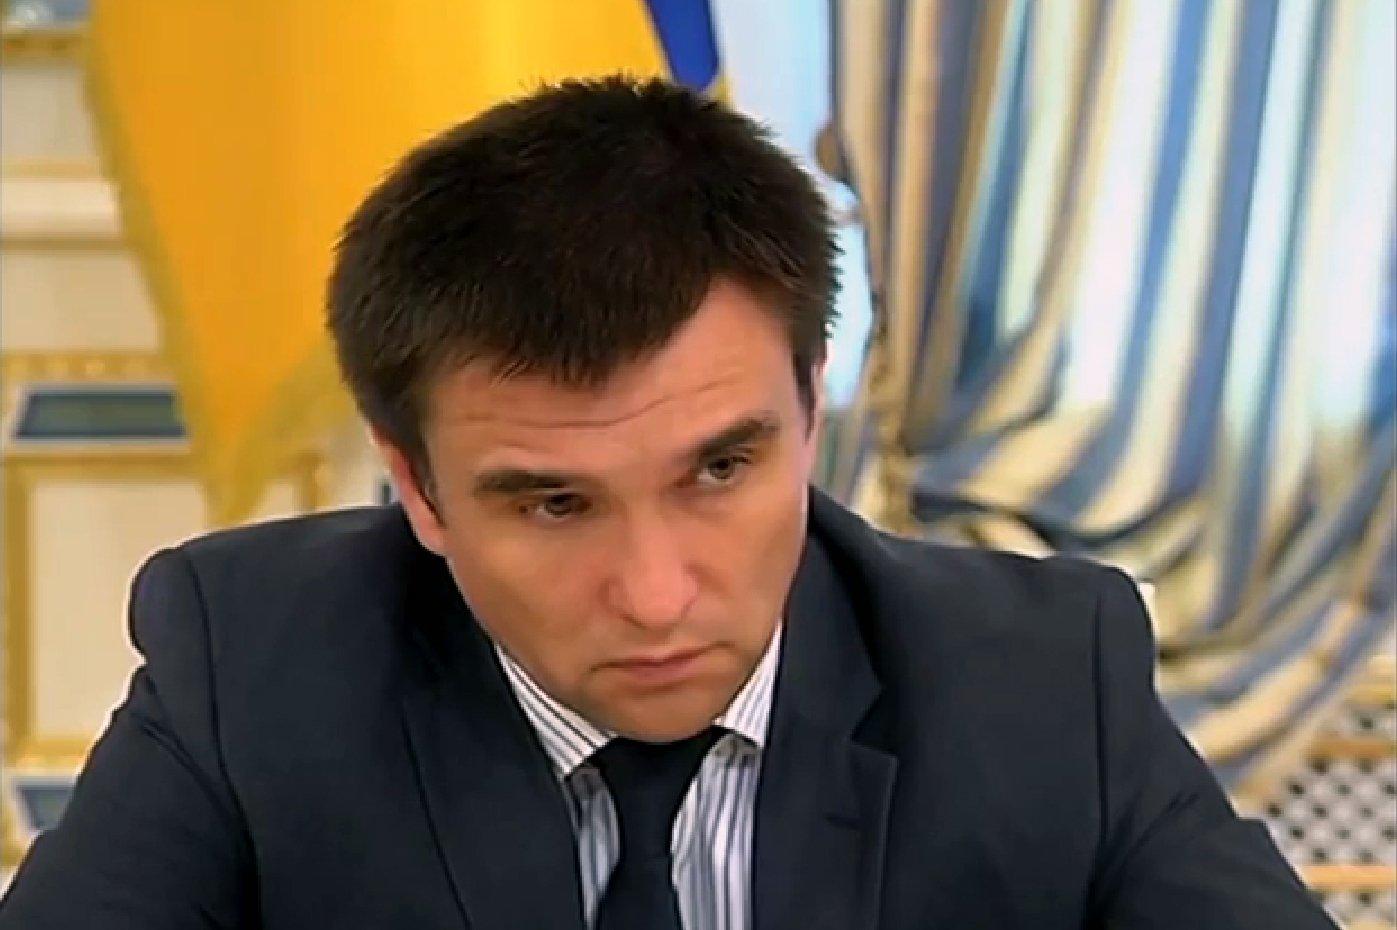 Глава МИД Украины рассказал, как поделится «опытом борьбы с россиянами» США